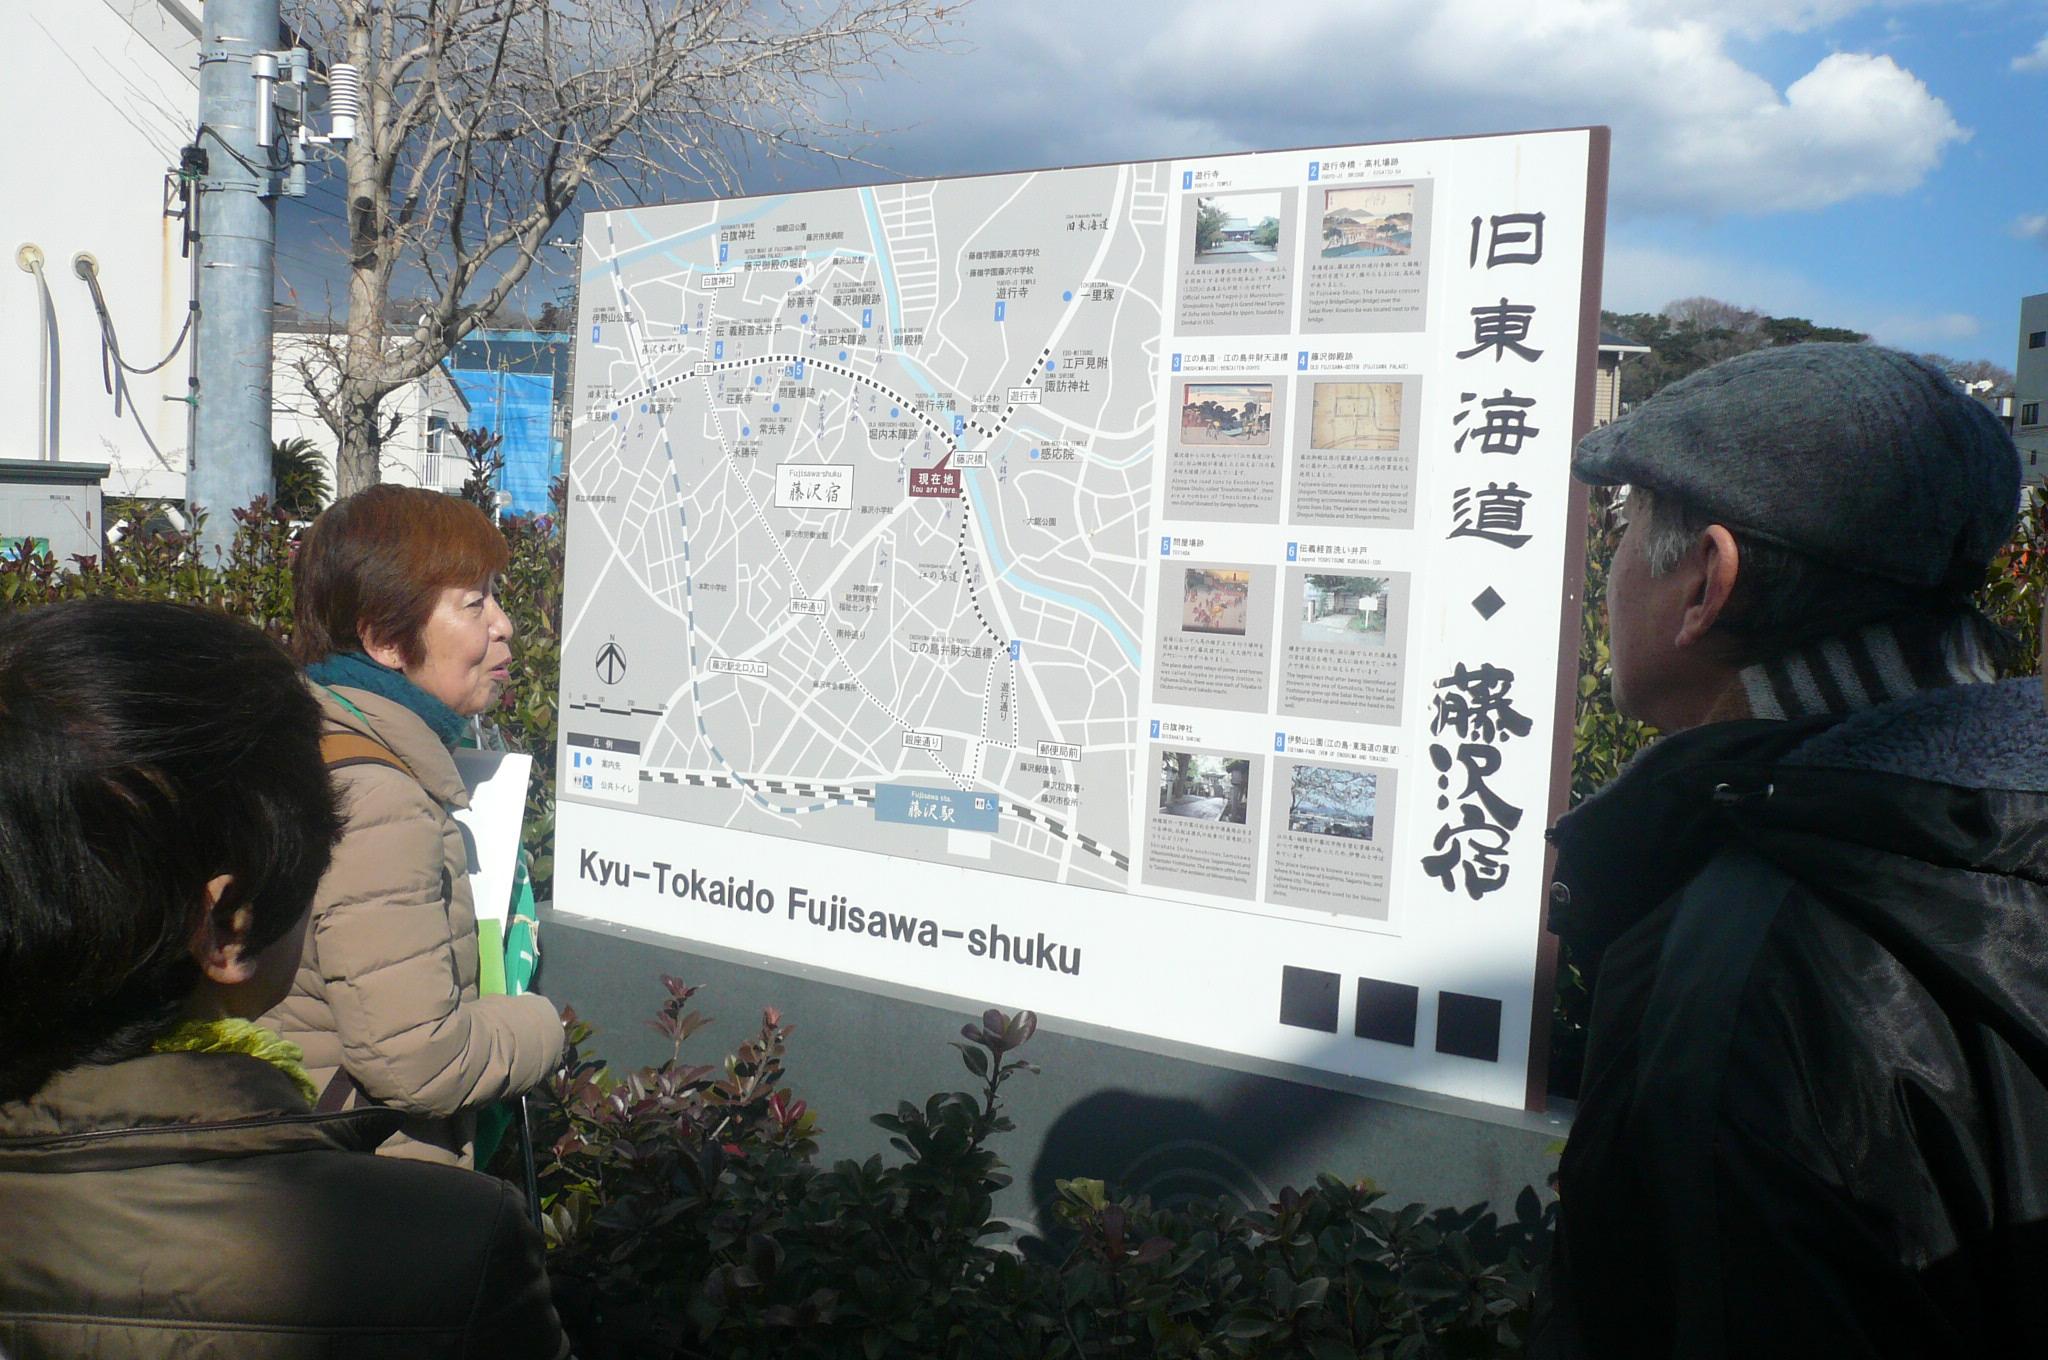 城の尾さん藤沢宿の説明